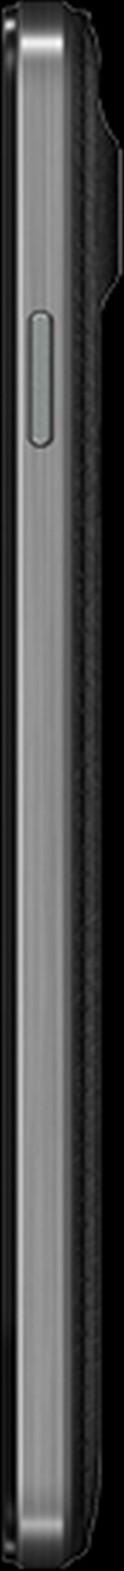 Micromax Canvas Win W121